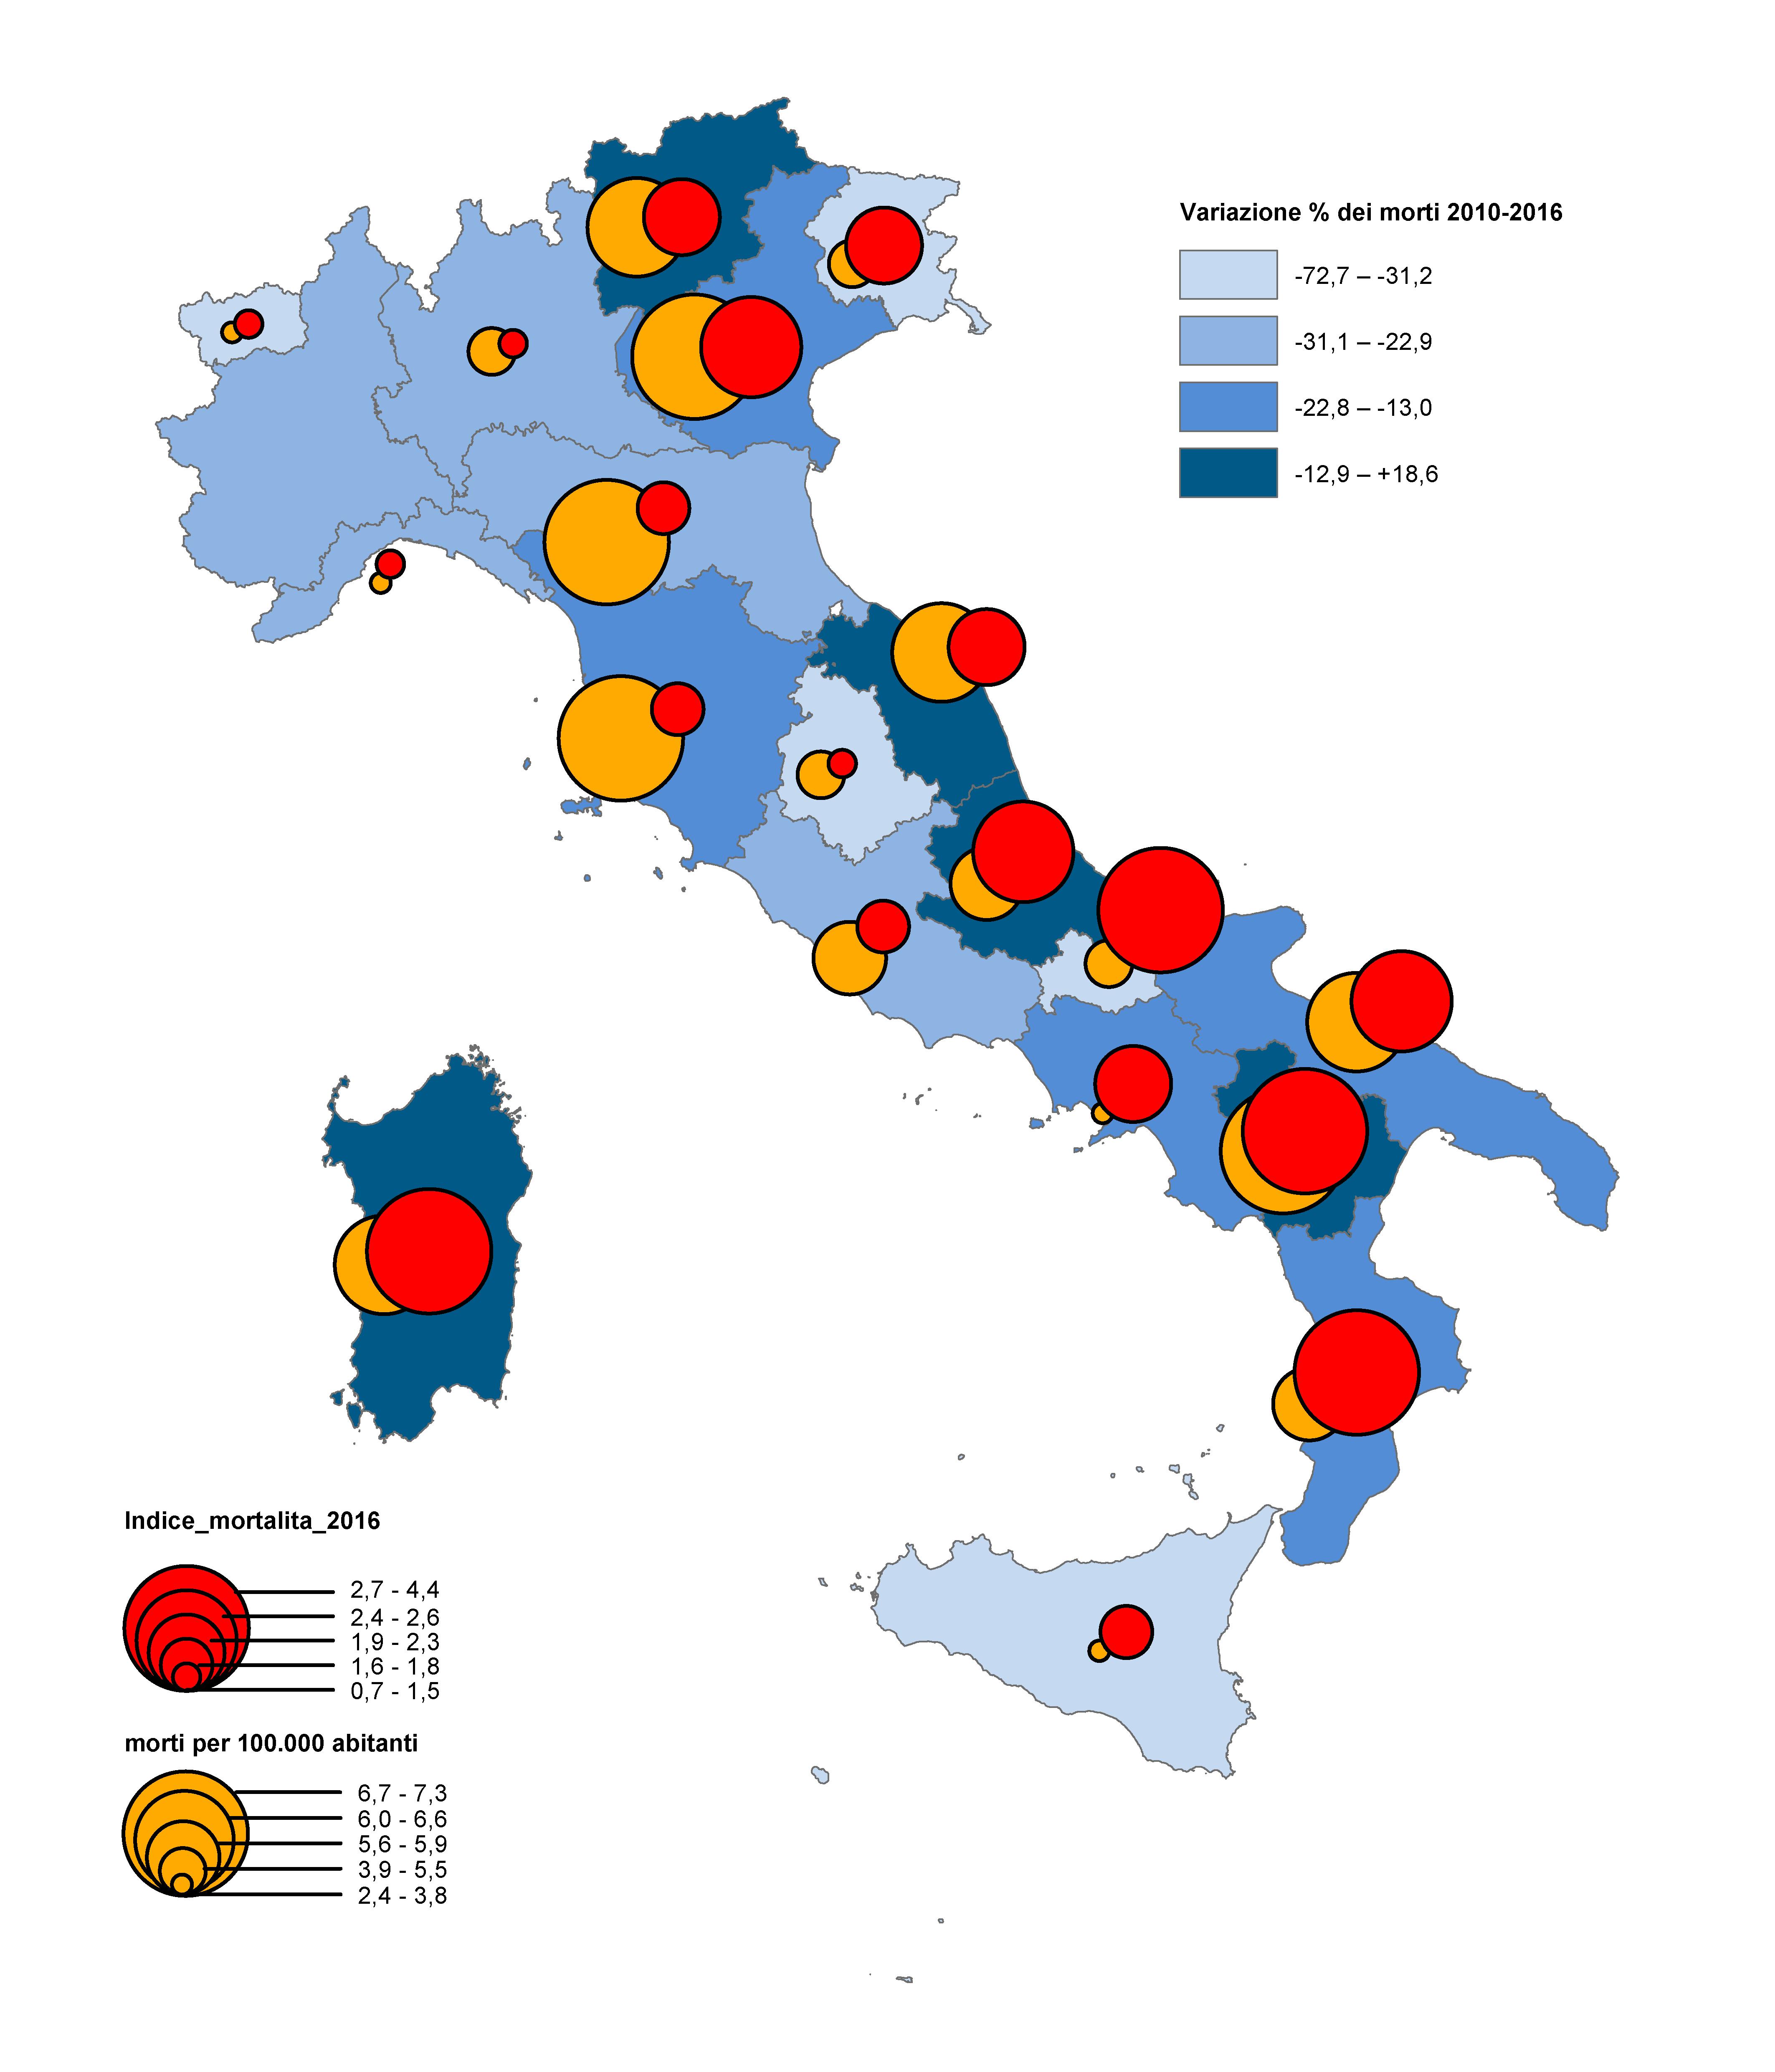 Incidenti Veneto Veneto In Veneto Incidenti Stradali Incidenti Stradali In In Stradali Incidenti ZwU4Z